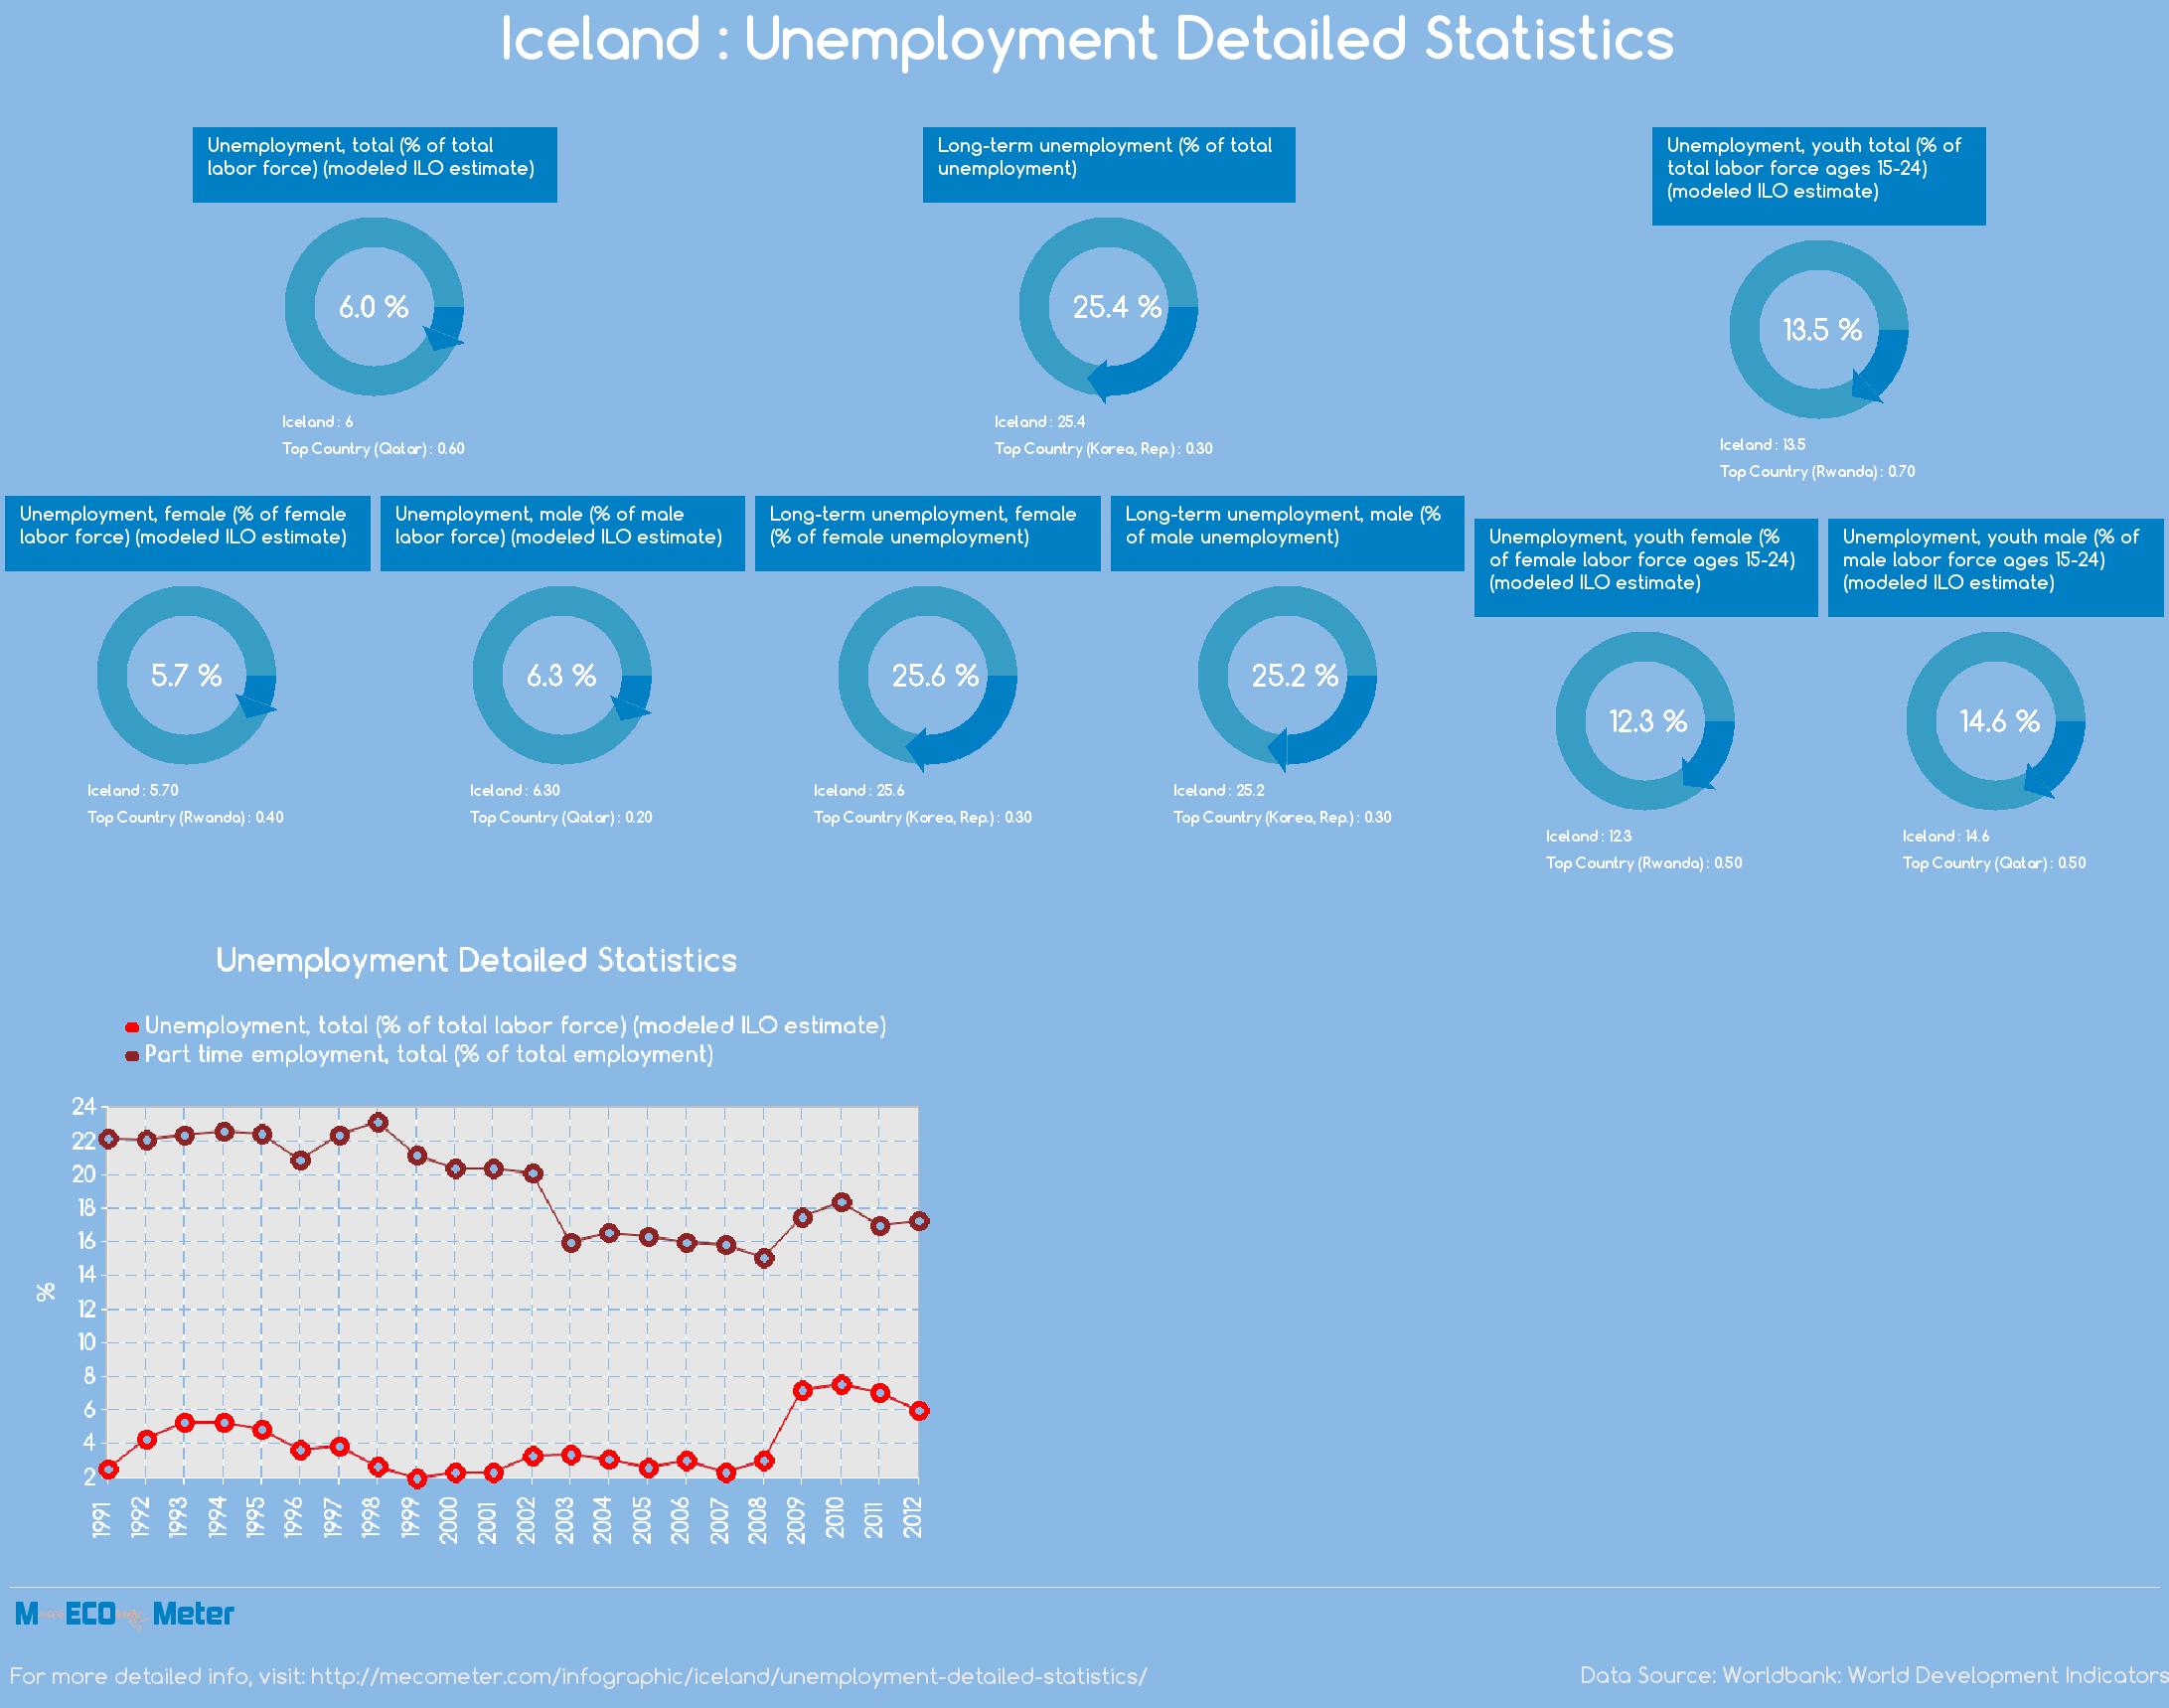 Iceland : Unemployment Detailed Statistics